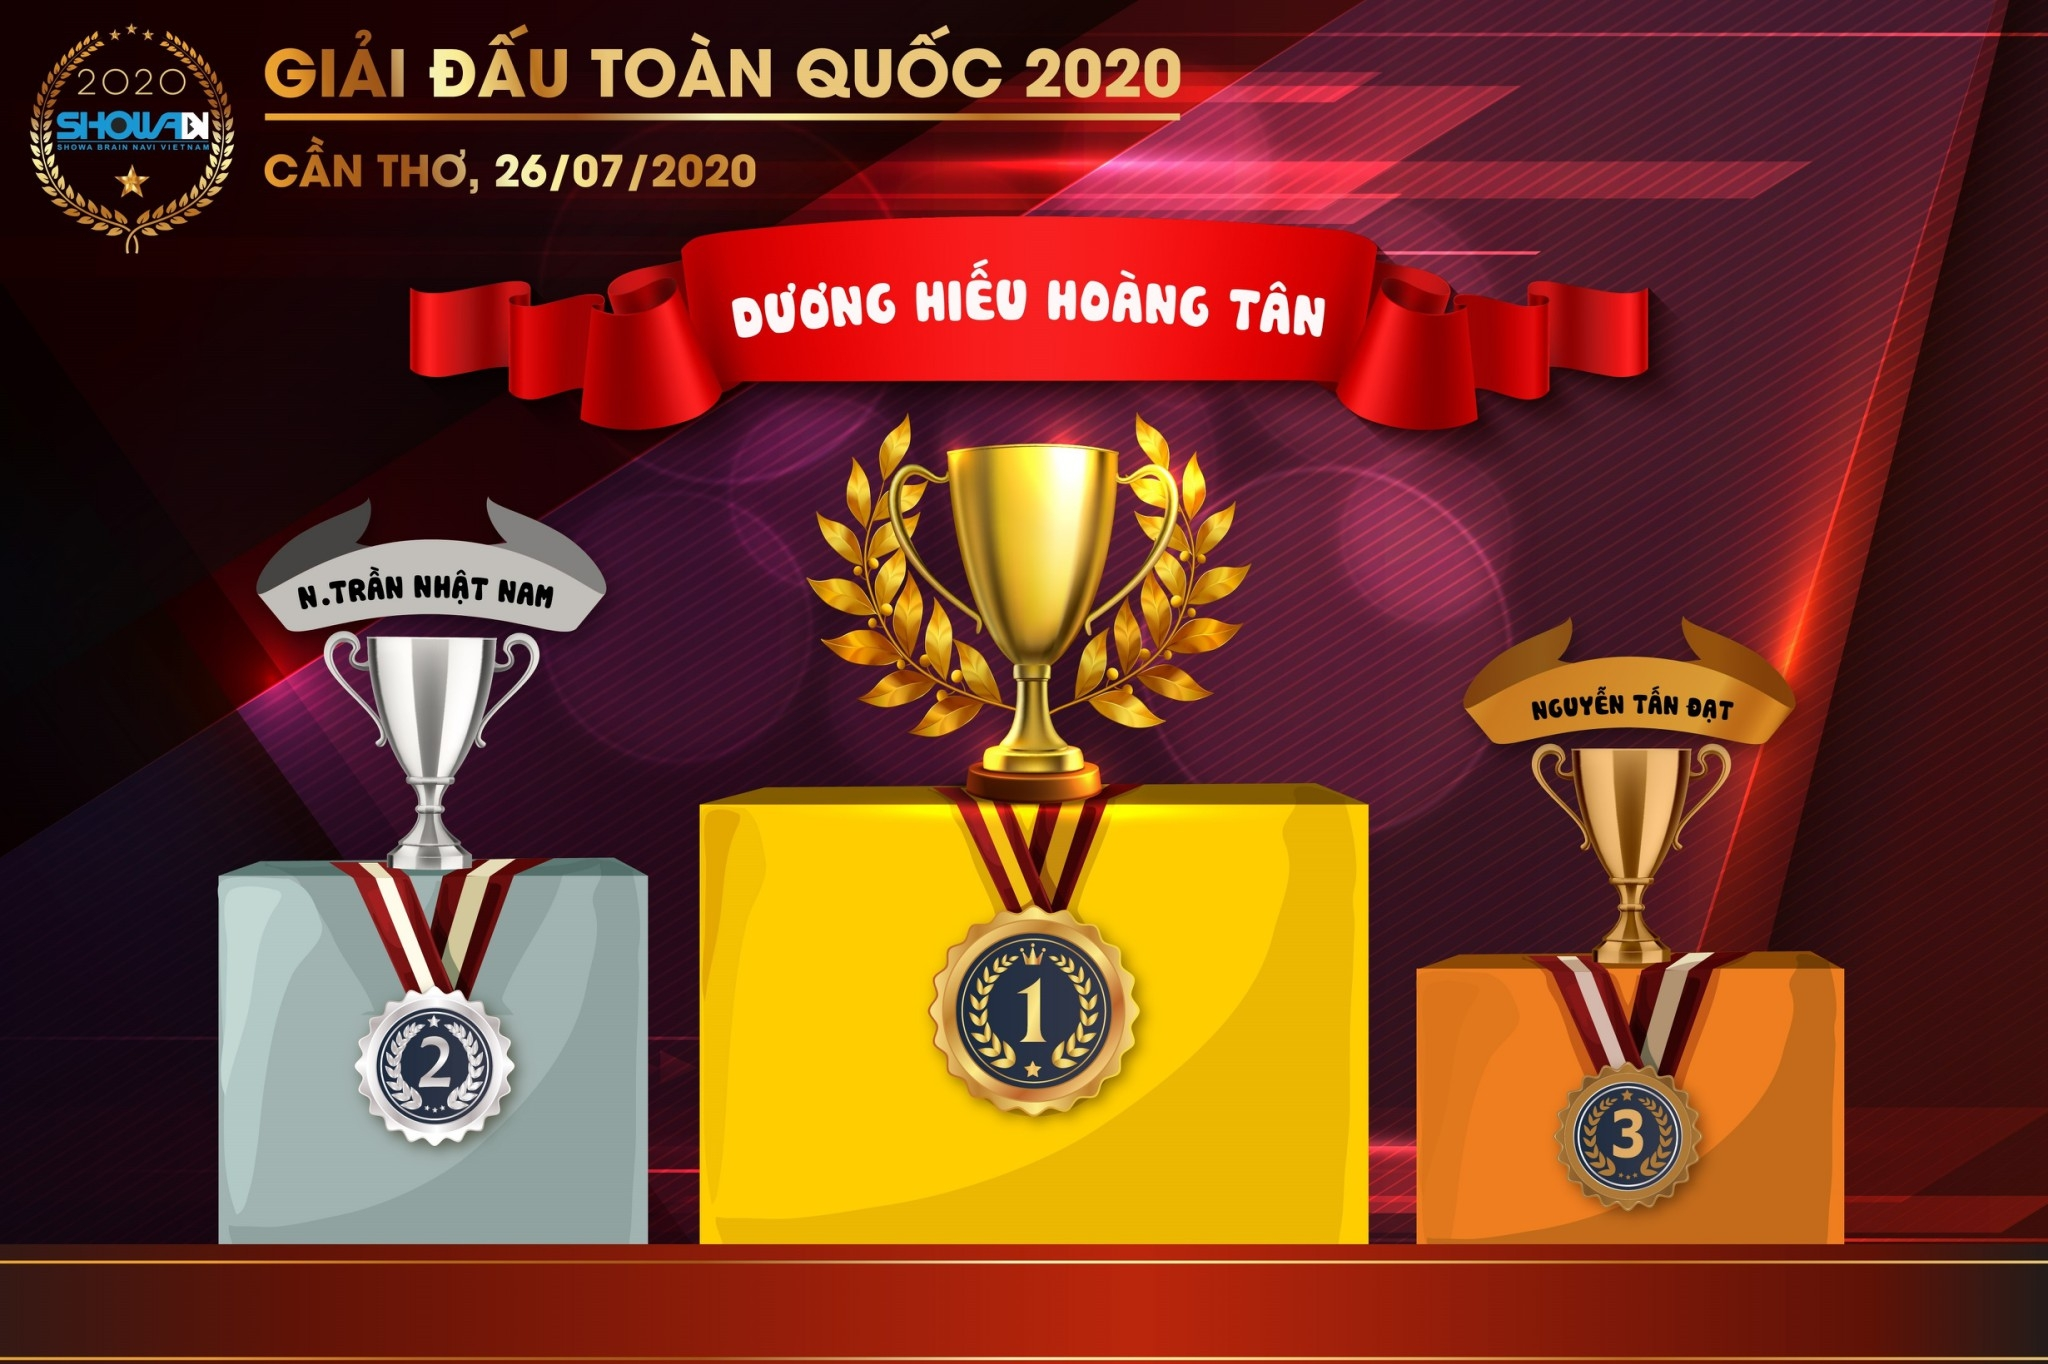 giải đấu toàn quốc 2020